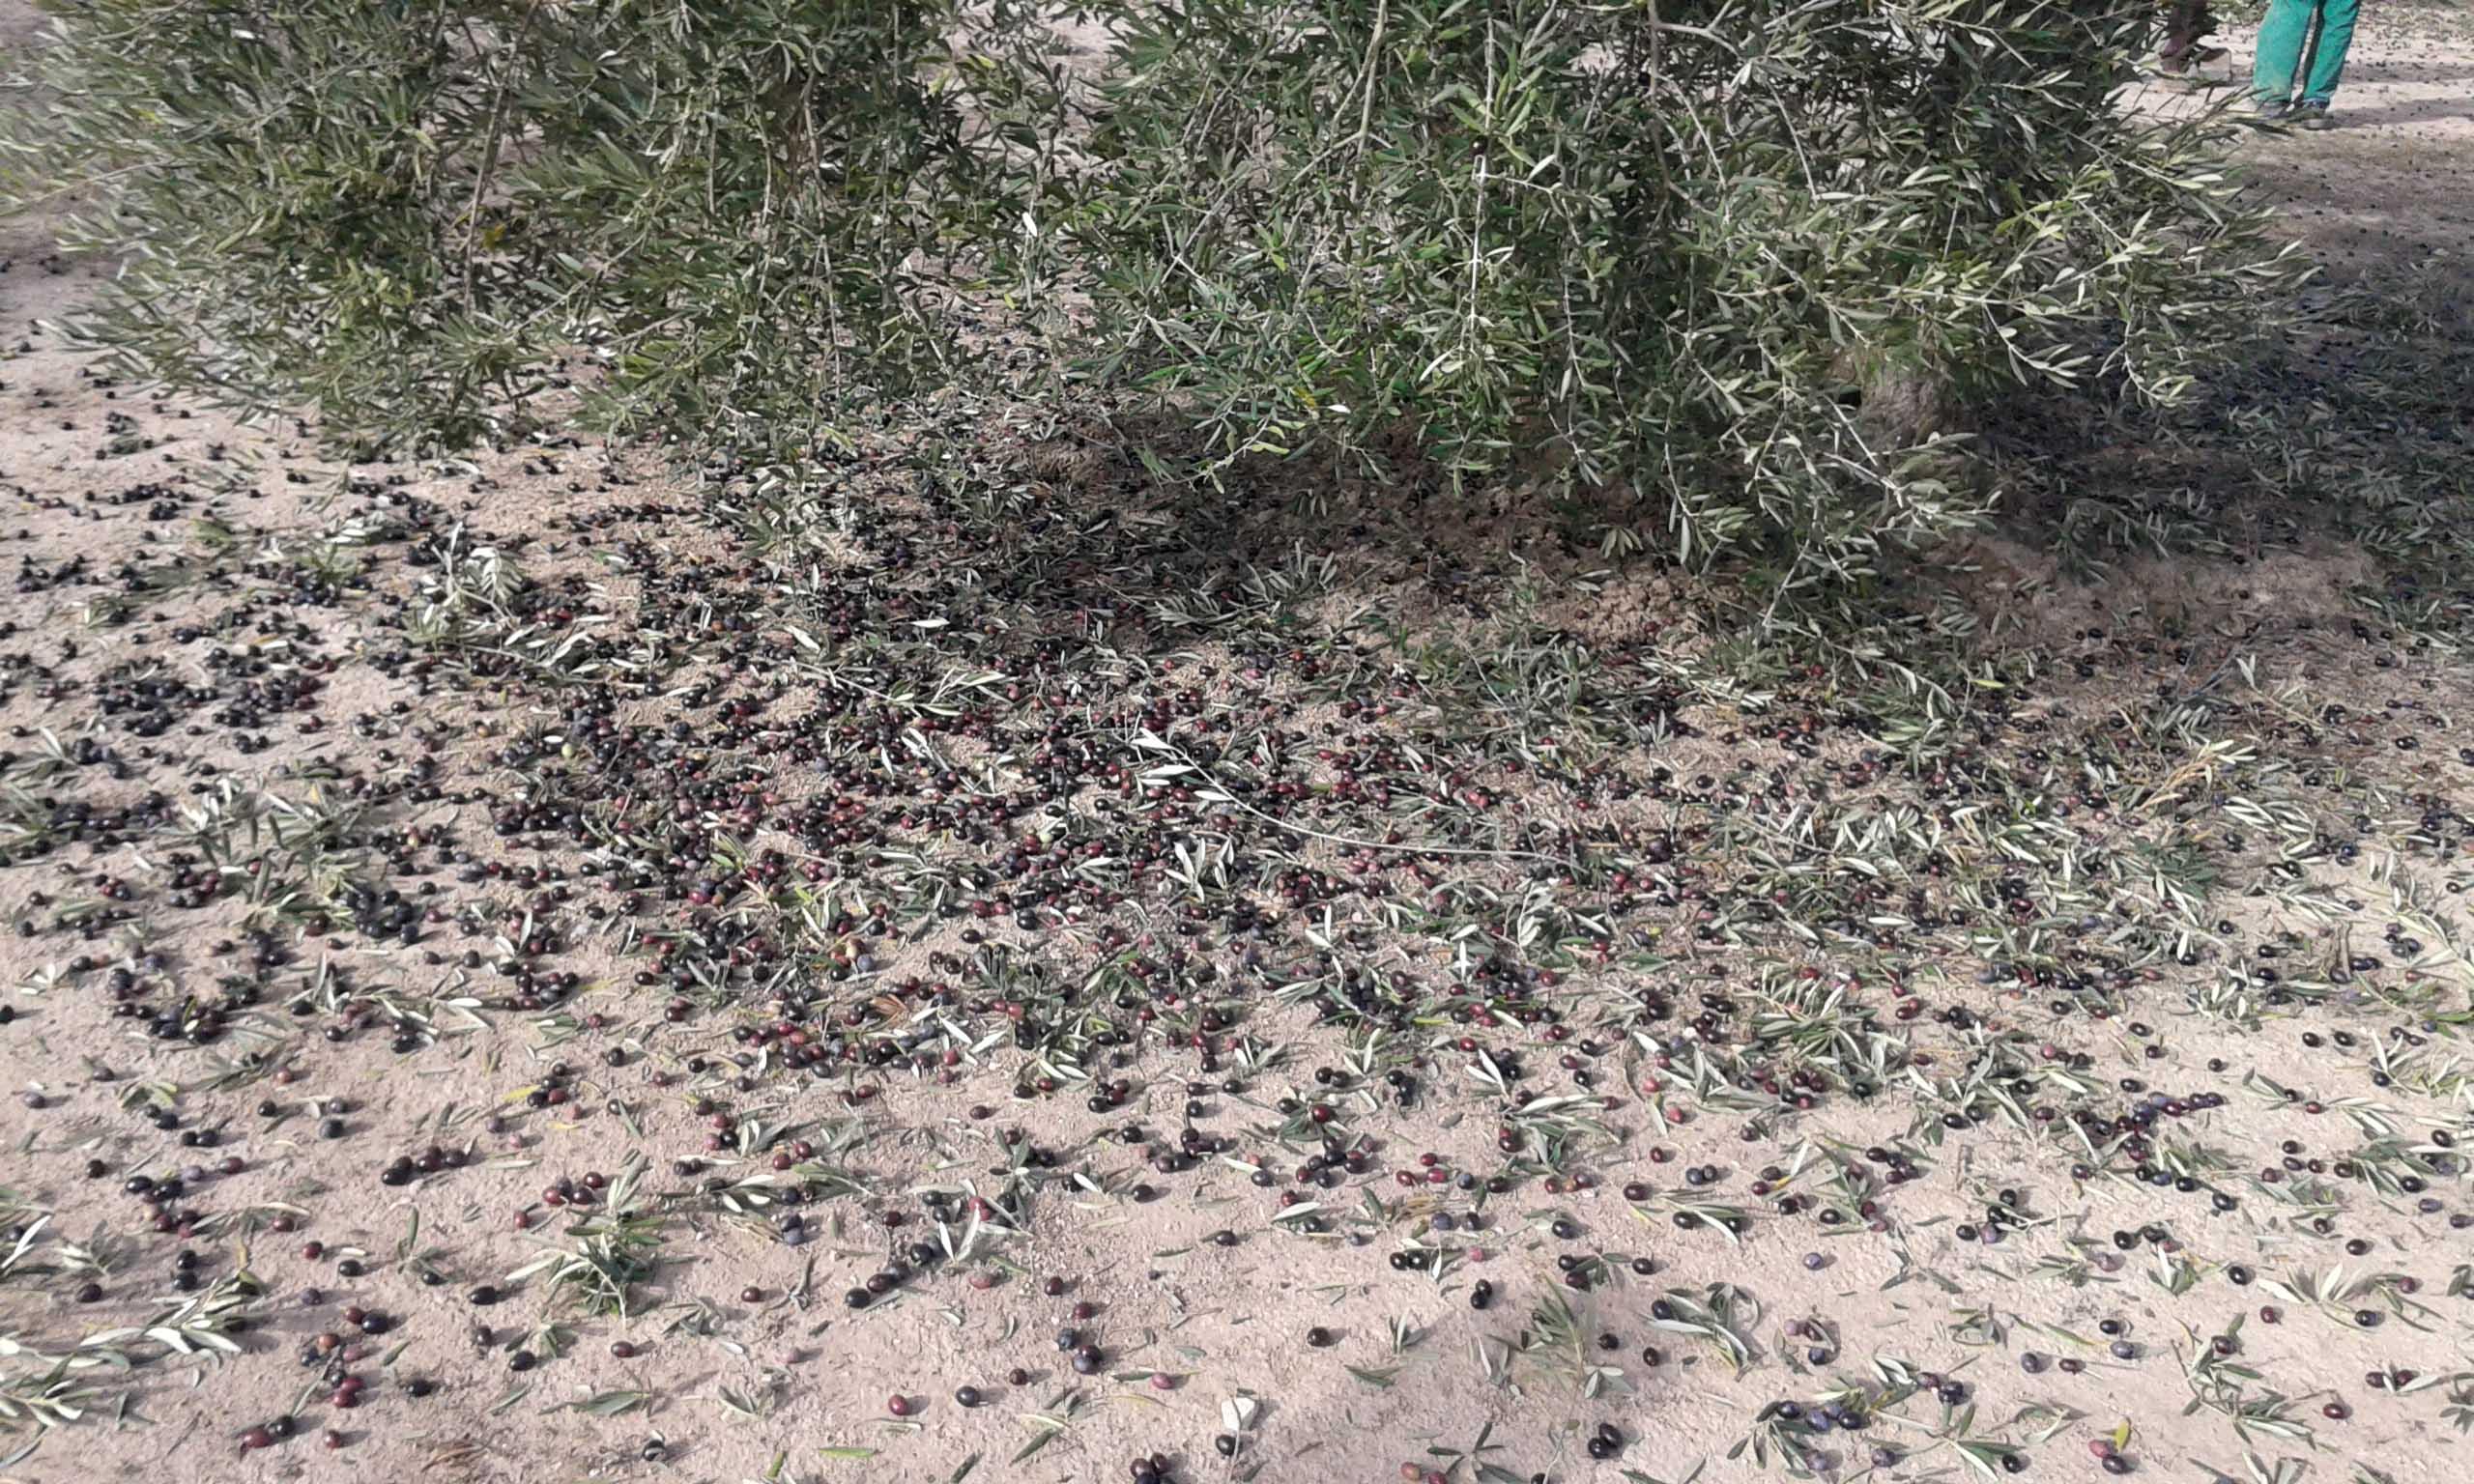 La separación de aceitunas del árbol y del suelo mejora la calidad de aceite de oliva virgen